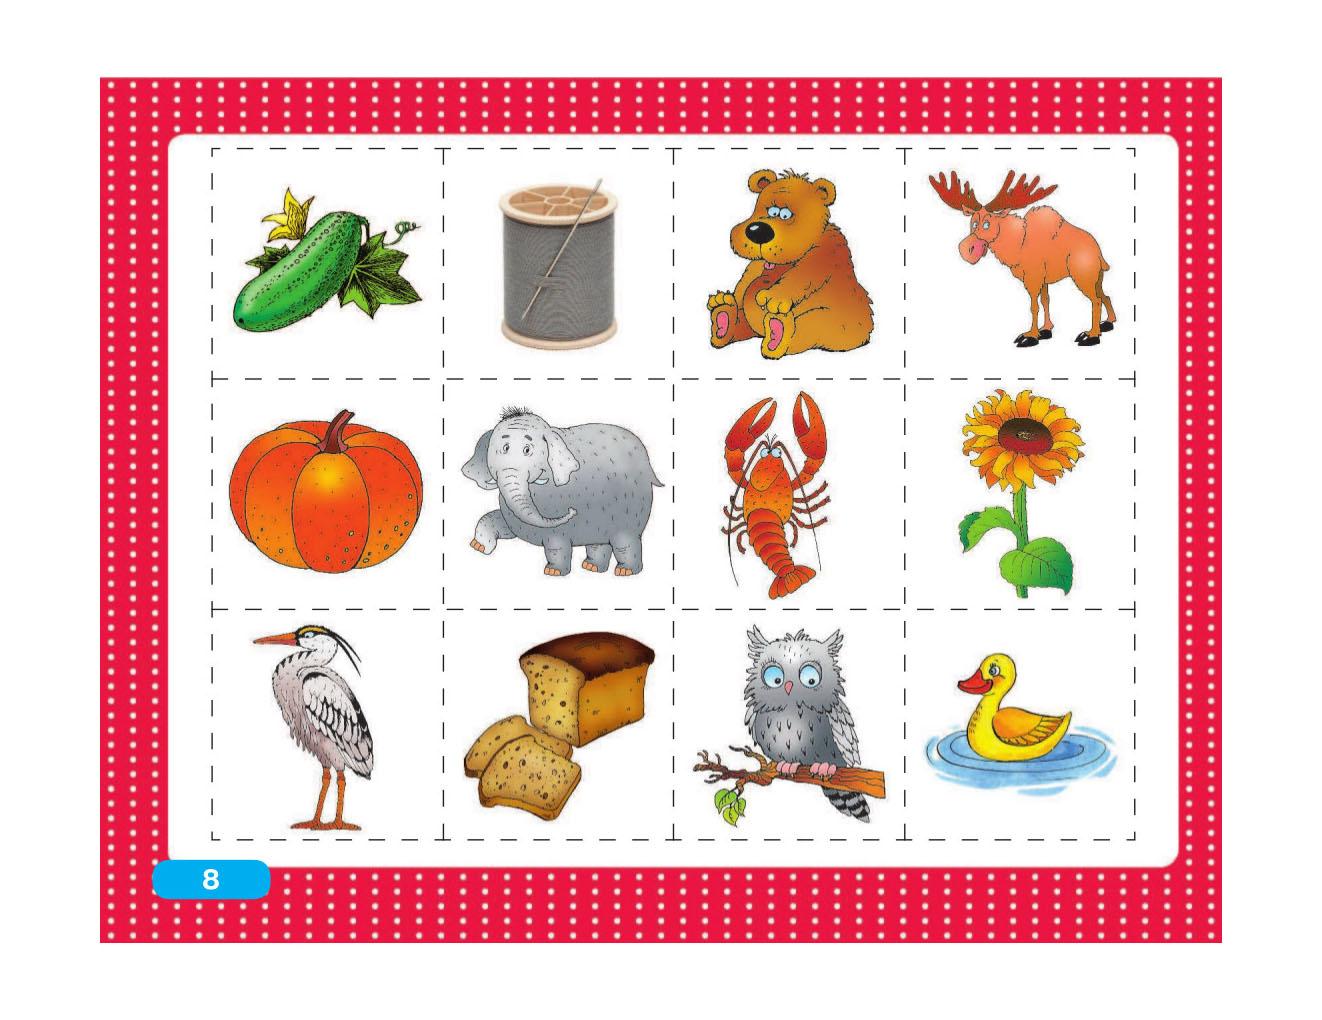 Говорящие картинки для детей 2 лет развивающие, открытка лет